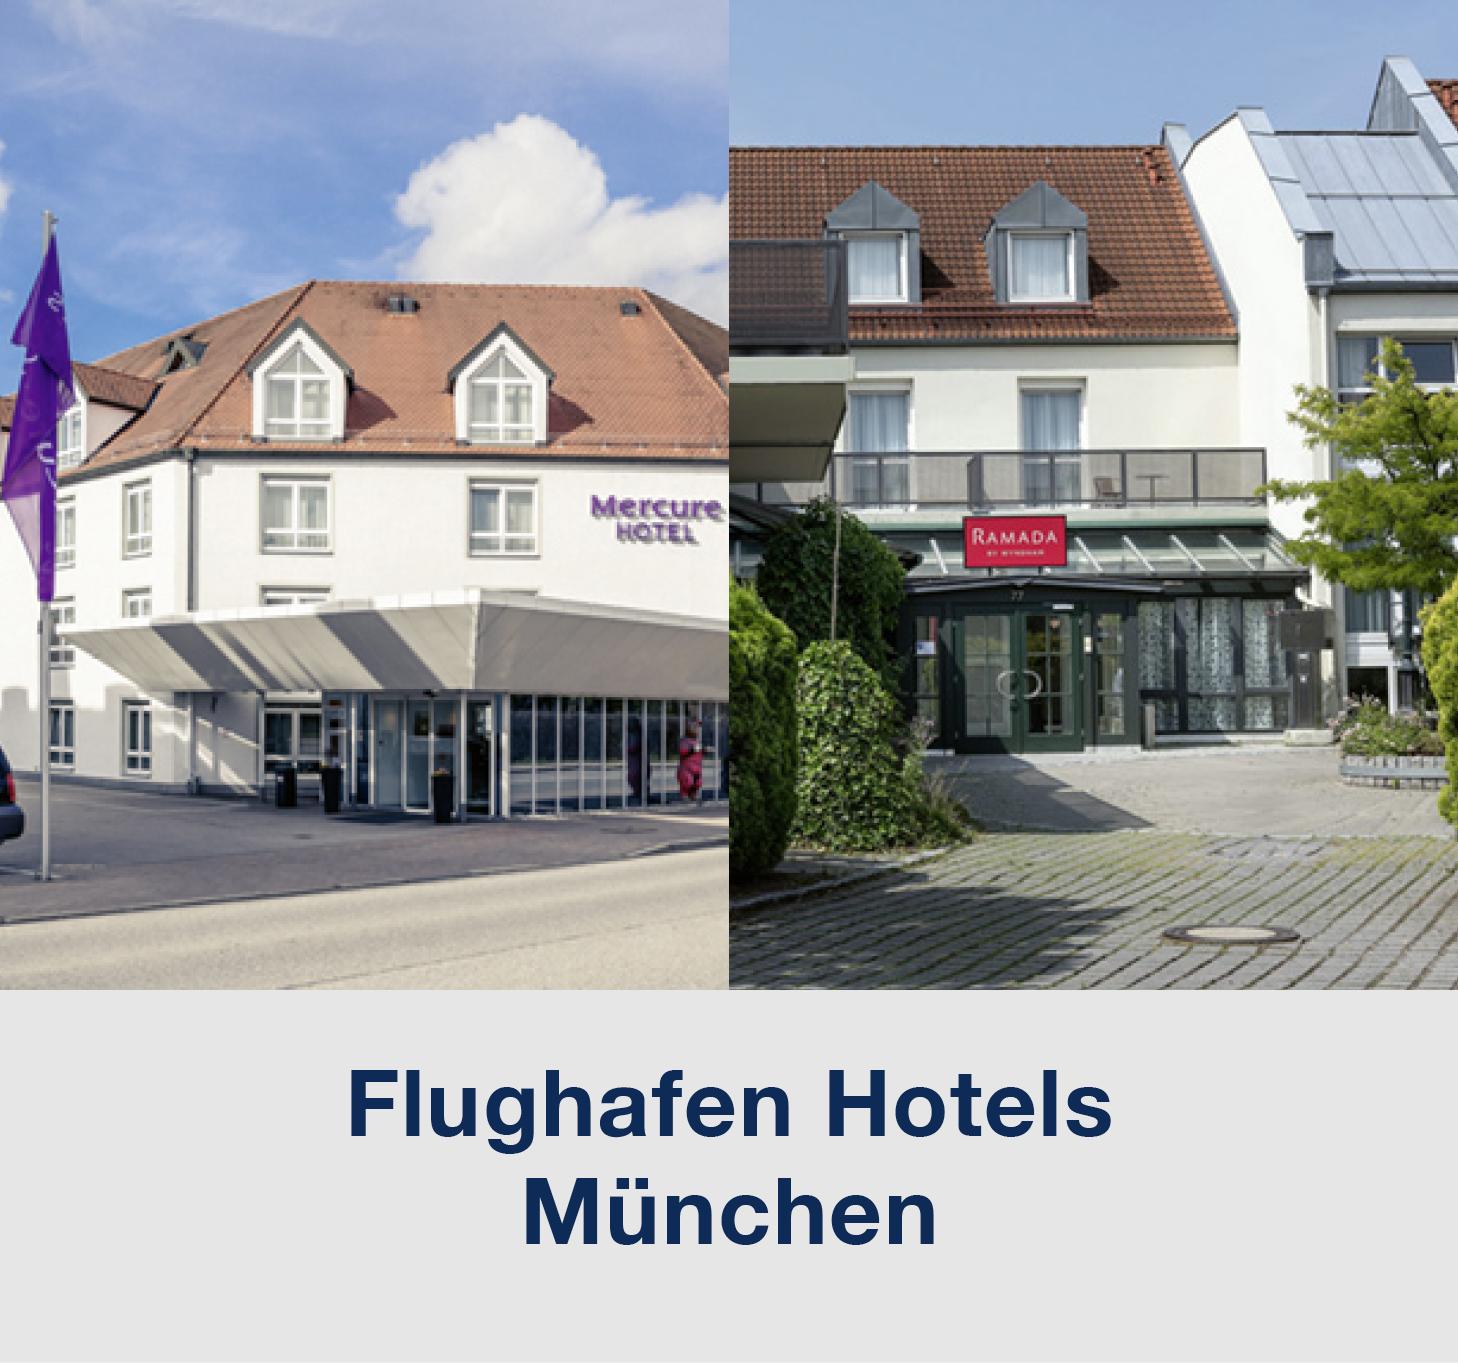 Flughafen_Hotels_München